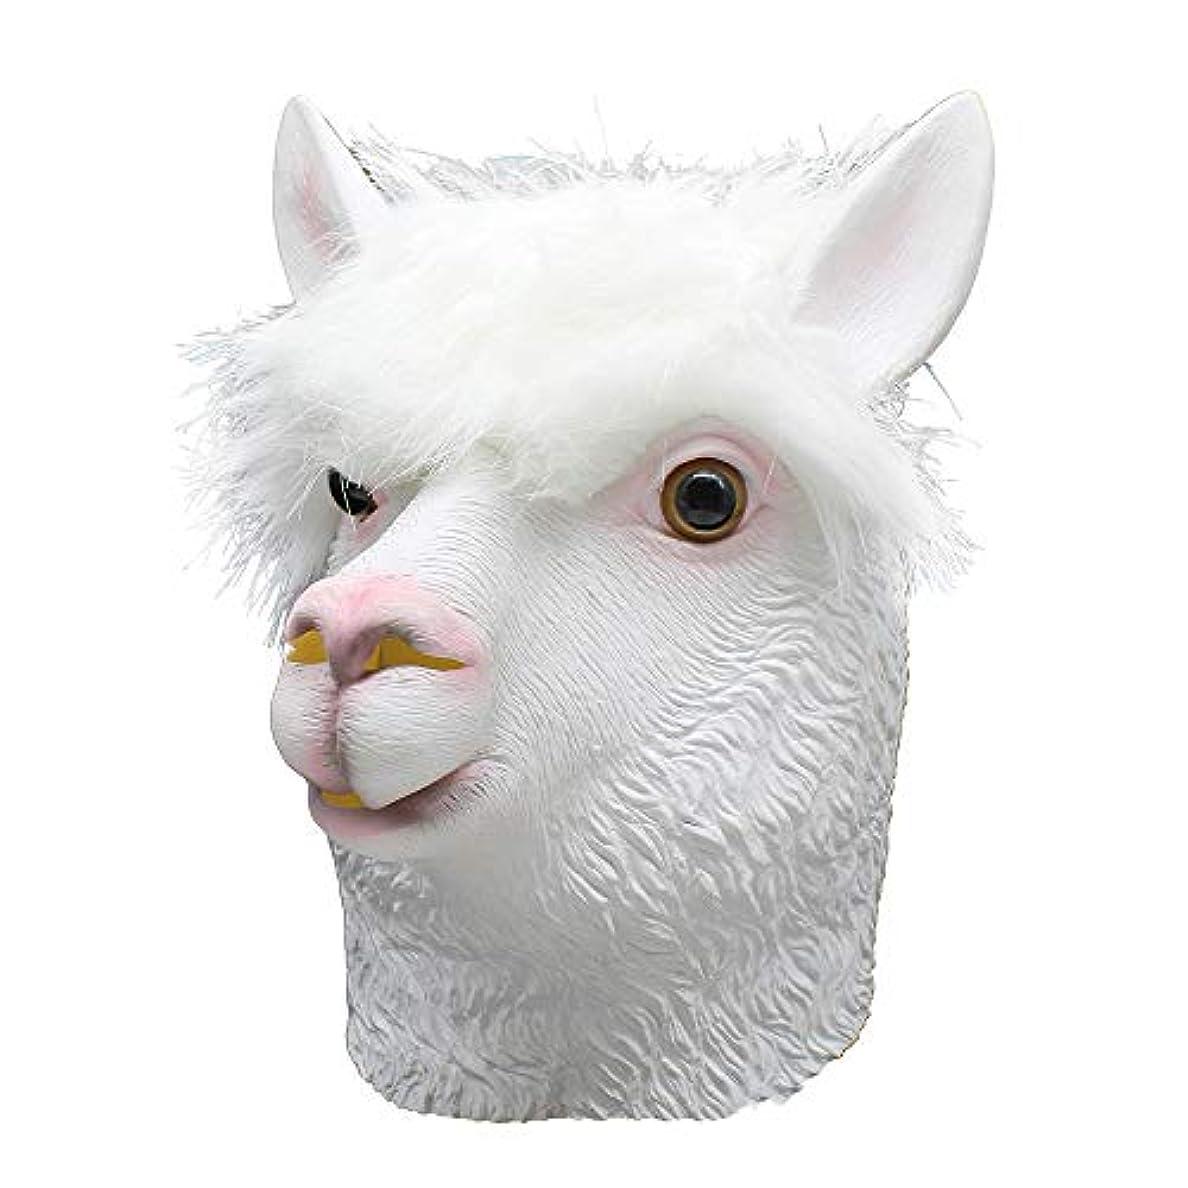 嫉妬エリート写真を撮るハロウィーン仮装ショー動物モデリングラテックスアルパカマスクフード